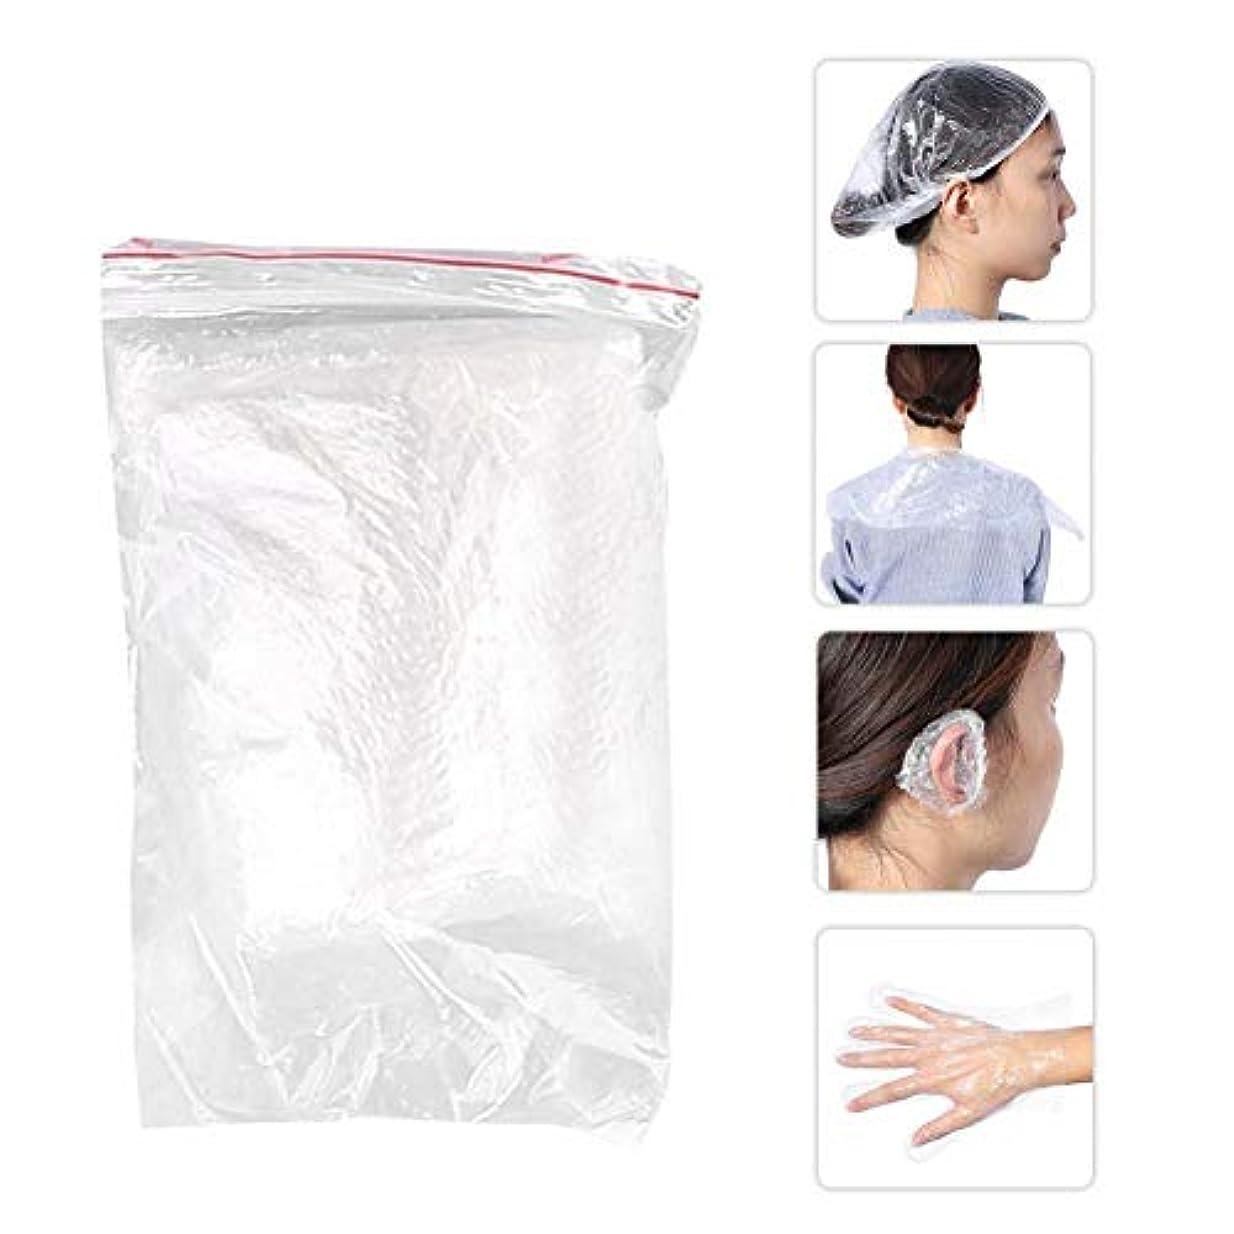 シャーク今まで主張美容用品毛染めツール ショールイヤーマフ手袋シャワーキャップ10セット使い捨てサロン シャワーキャップ耳カバー手袋